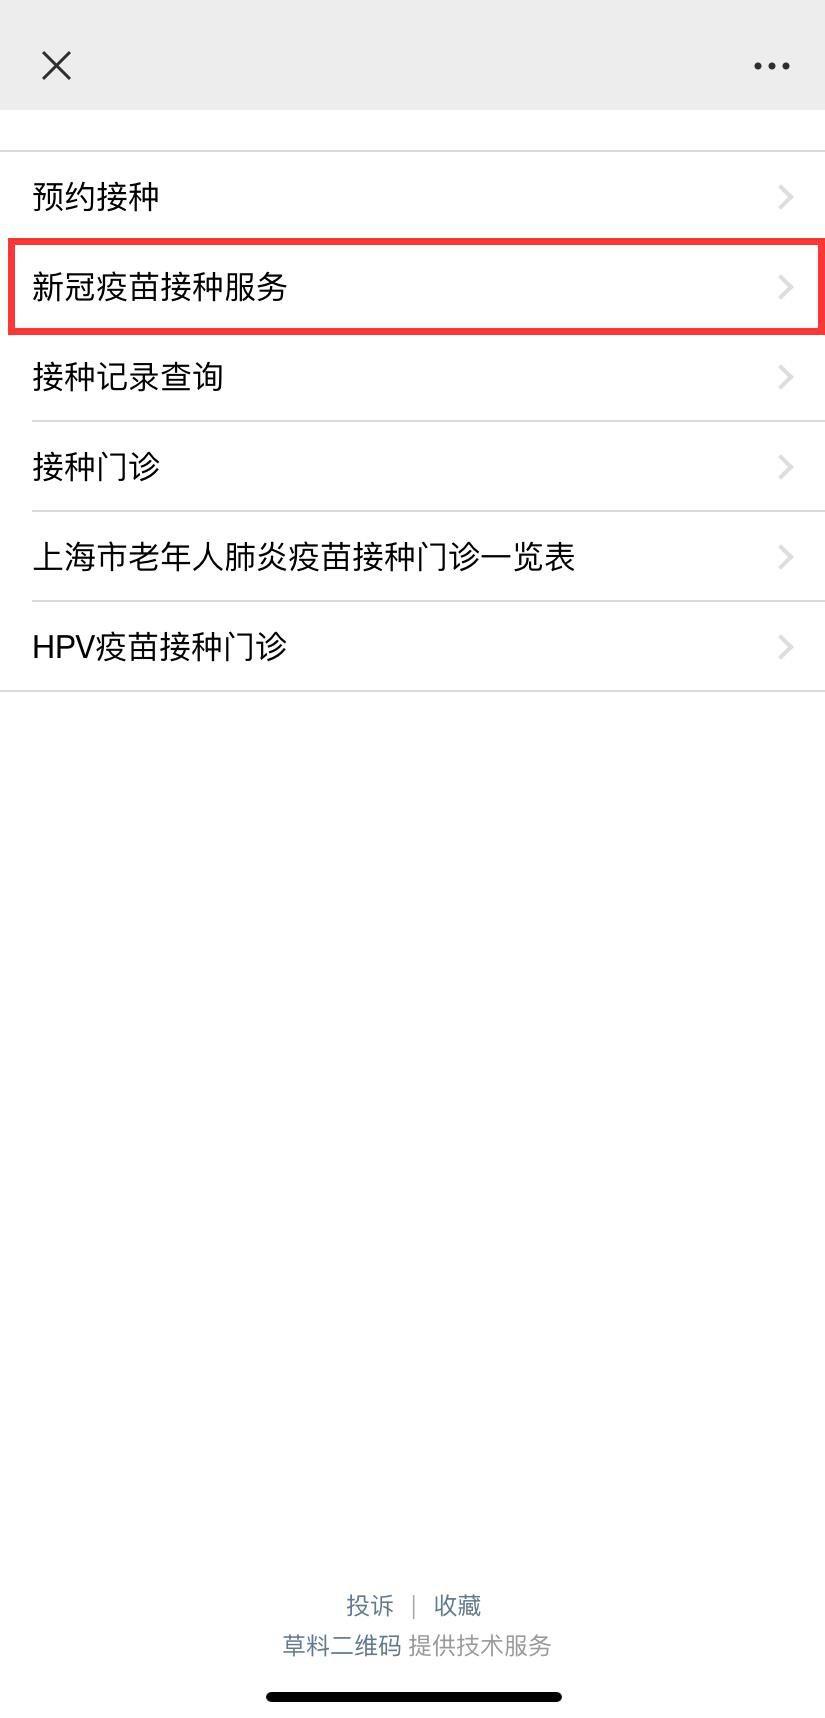 上海12-17歲新冠疫苗怎么預約(附預約方式)